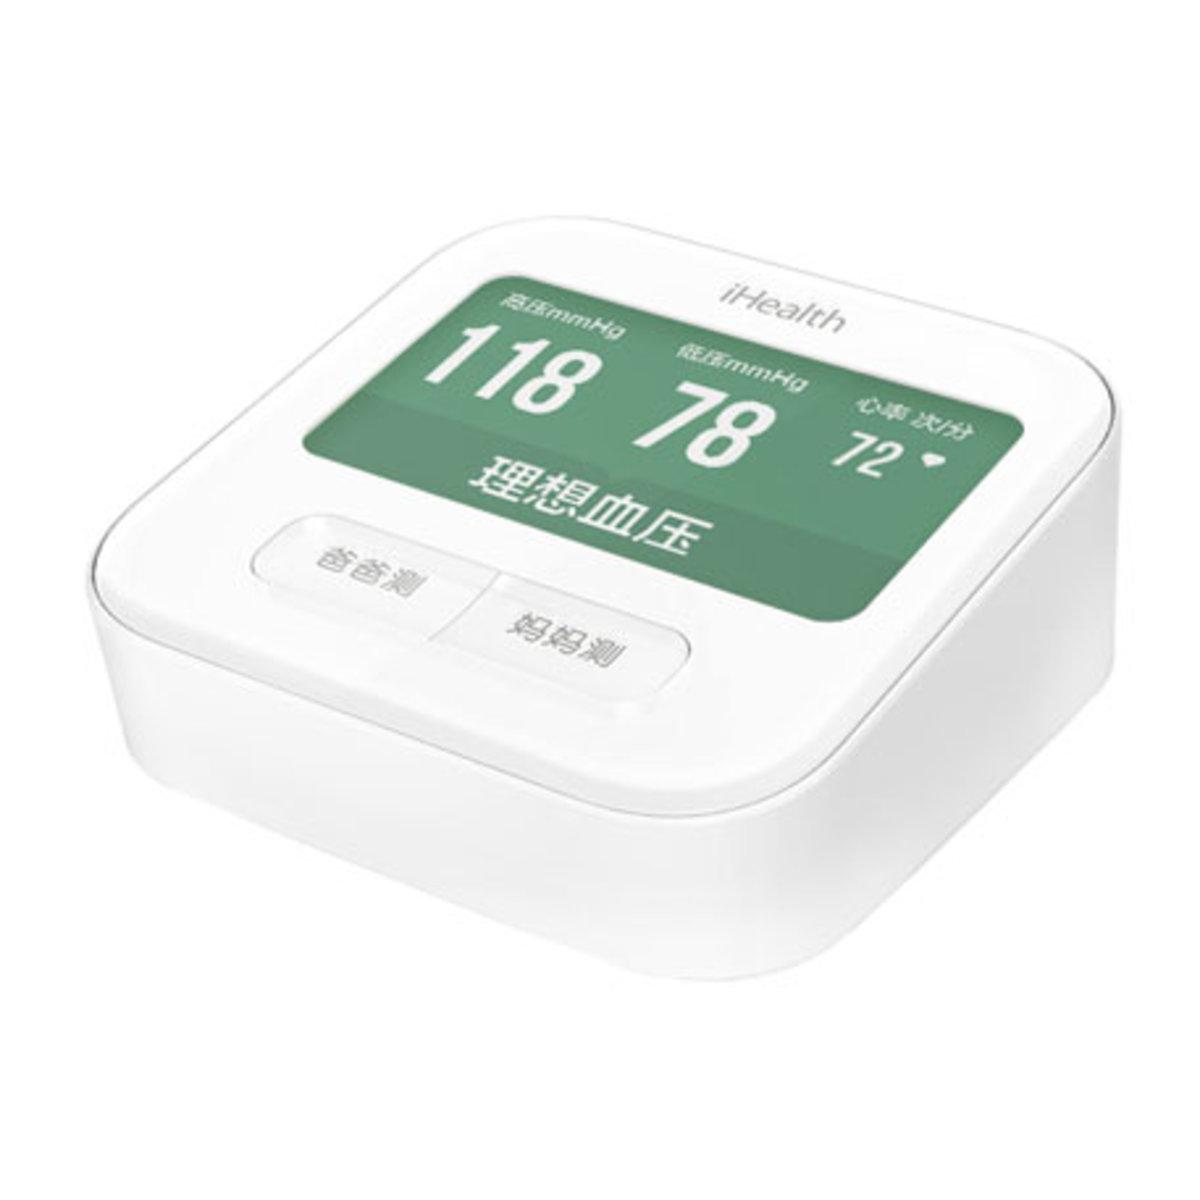 小米 iHealth電子血壓監測儀